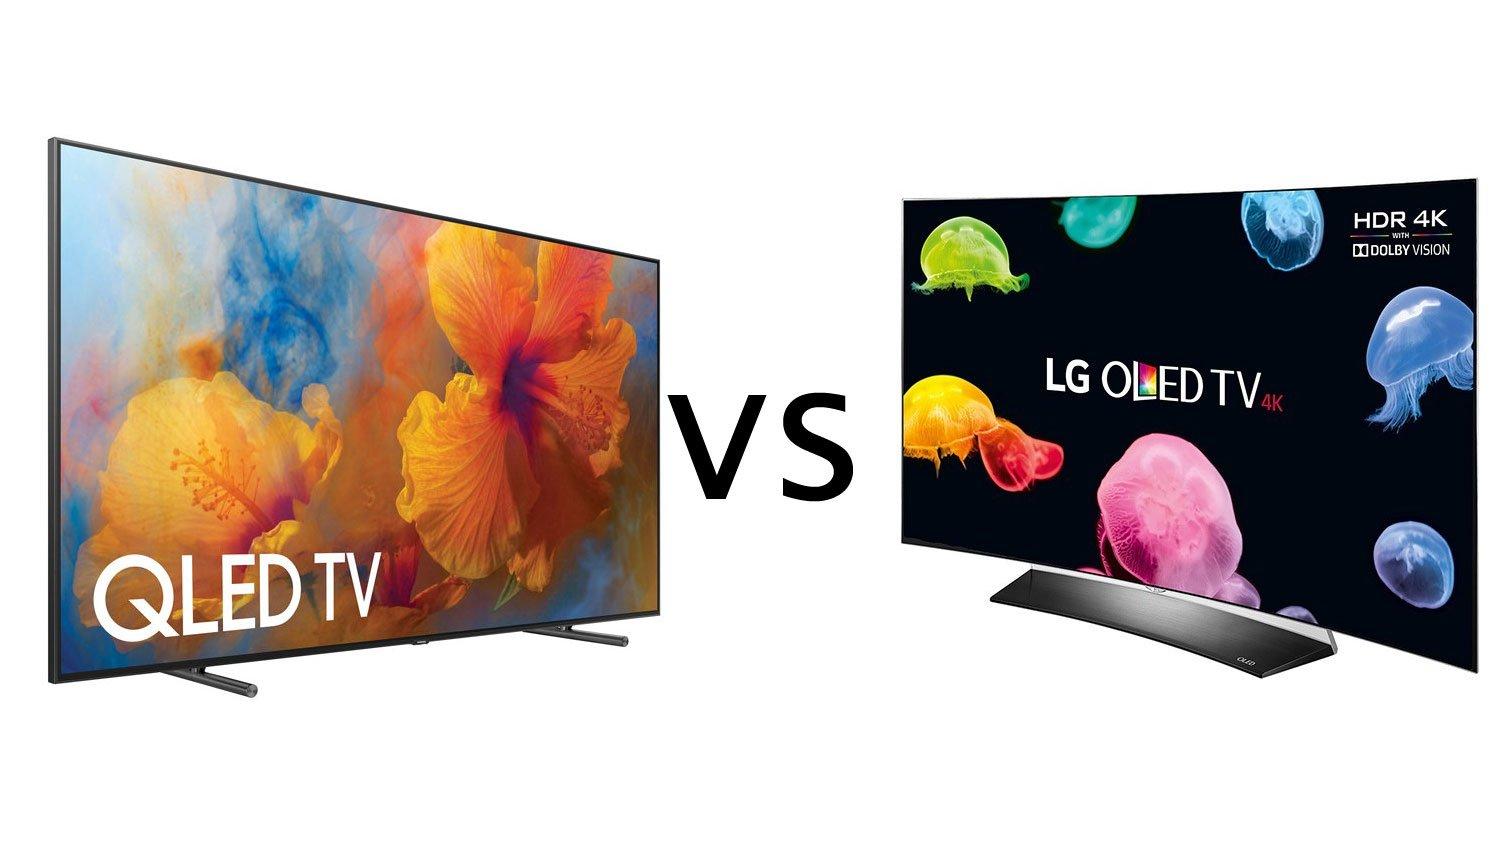 LG tin rằng OLED sẽ trở nên đại trà tại thị trường TV, thẳng thừng chê bai QLED